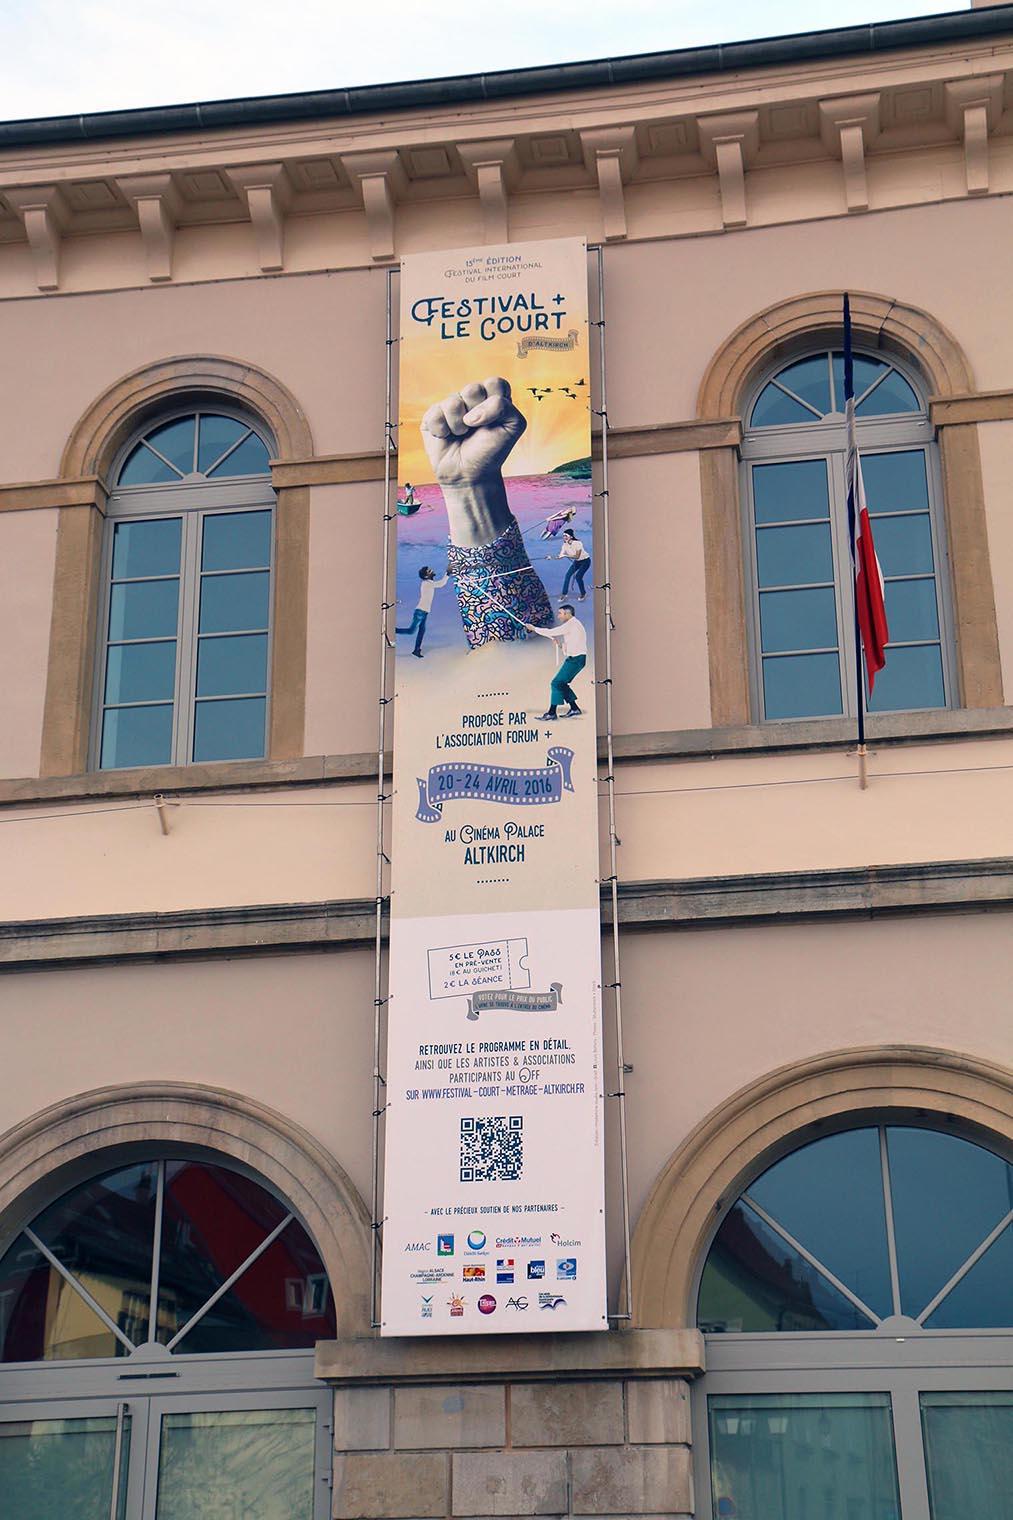 banderole de l'expositions pendant le festival le court d'altkirch en alsace